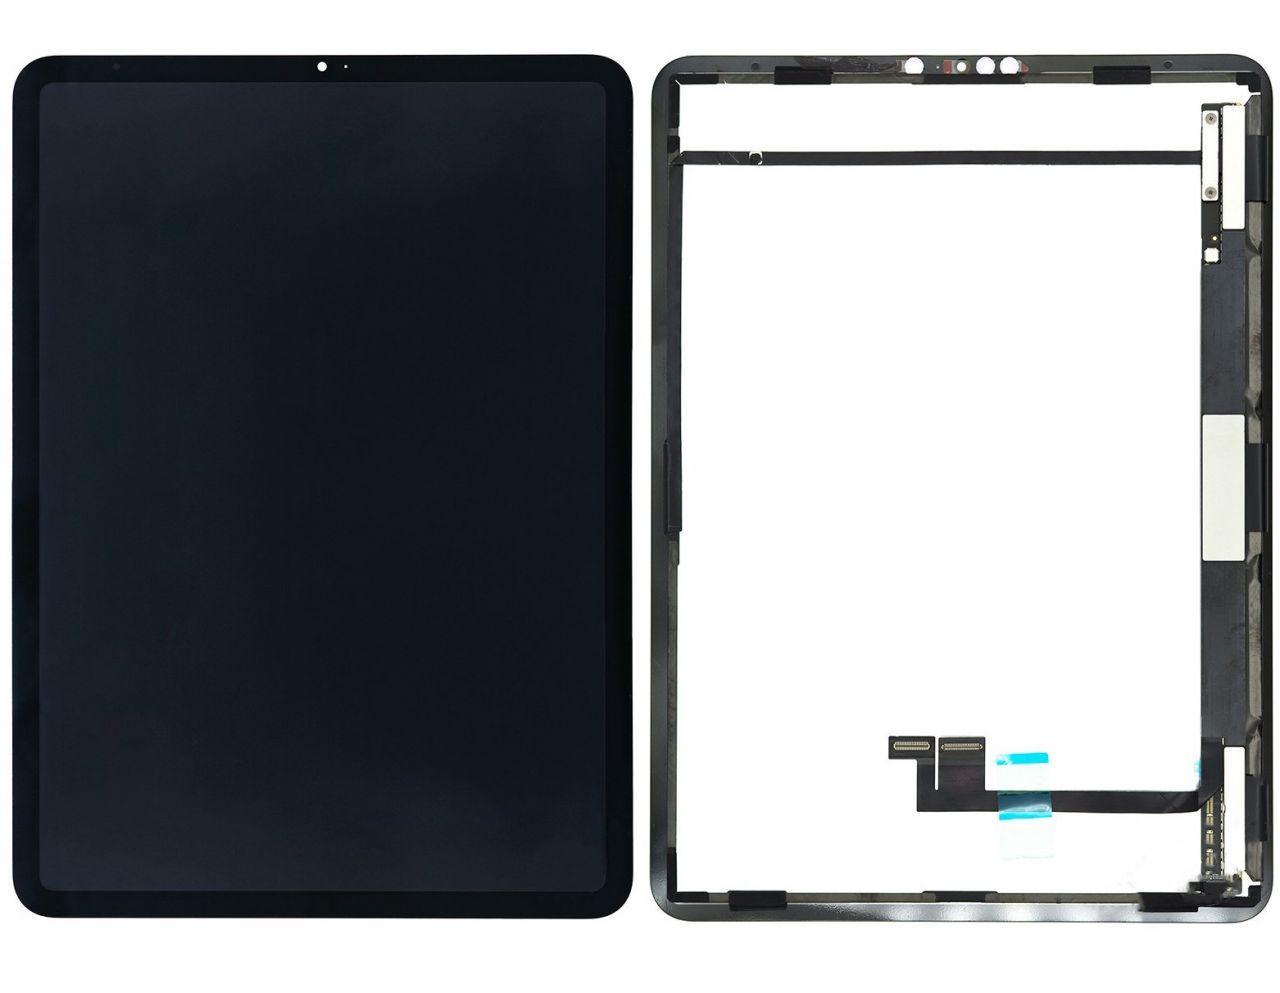 Дисплей для планшета Apple iPad Pro 11 2018 (A1934, A1980, A2013, со шлейфом) + Touchscreen Black